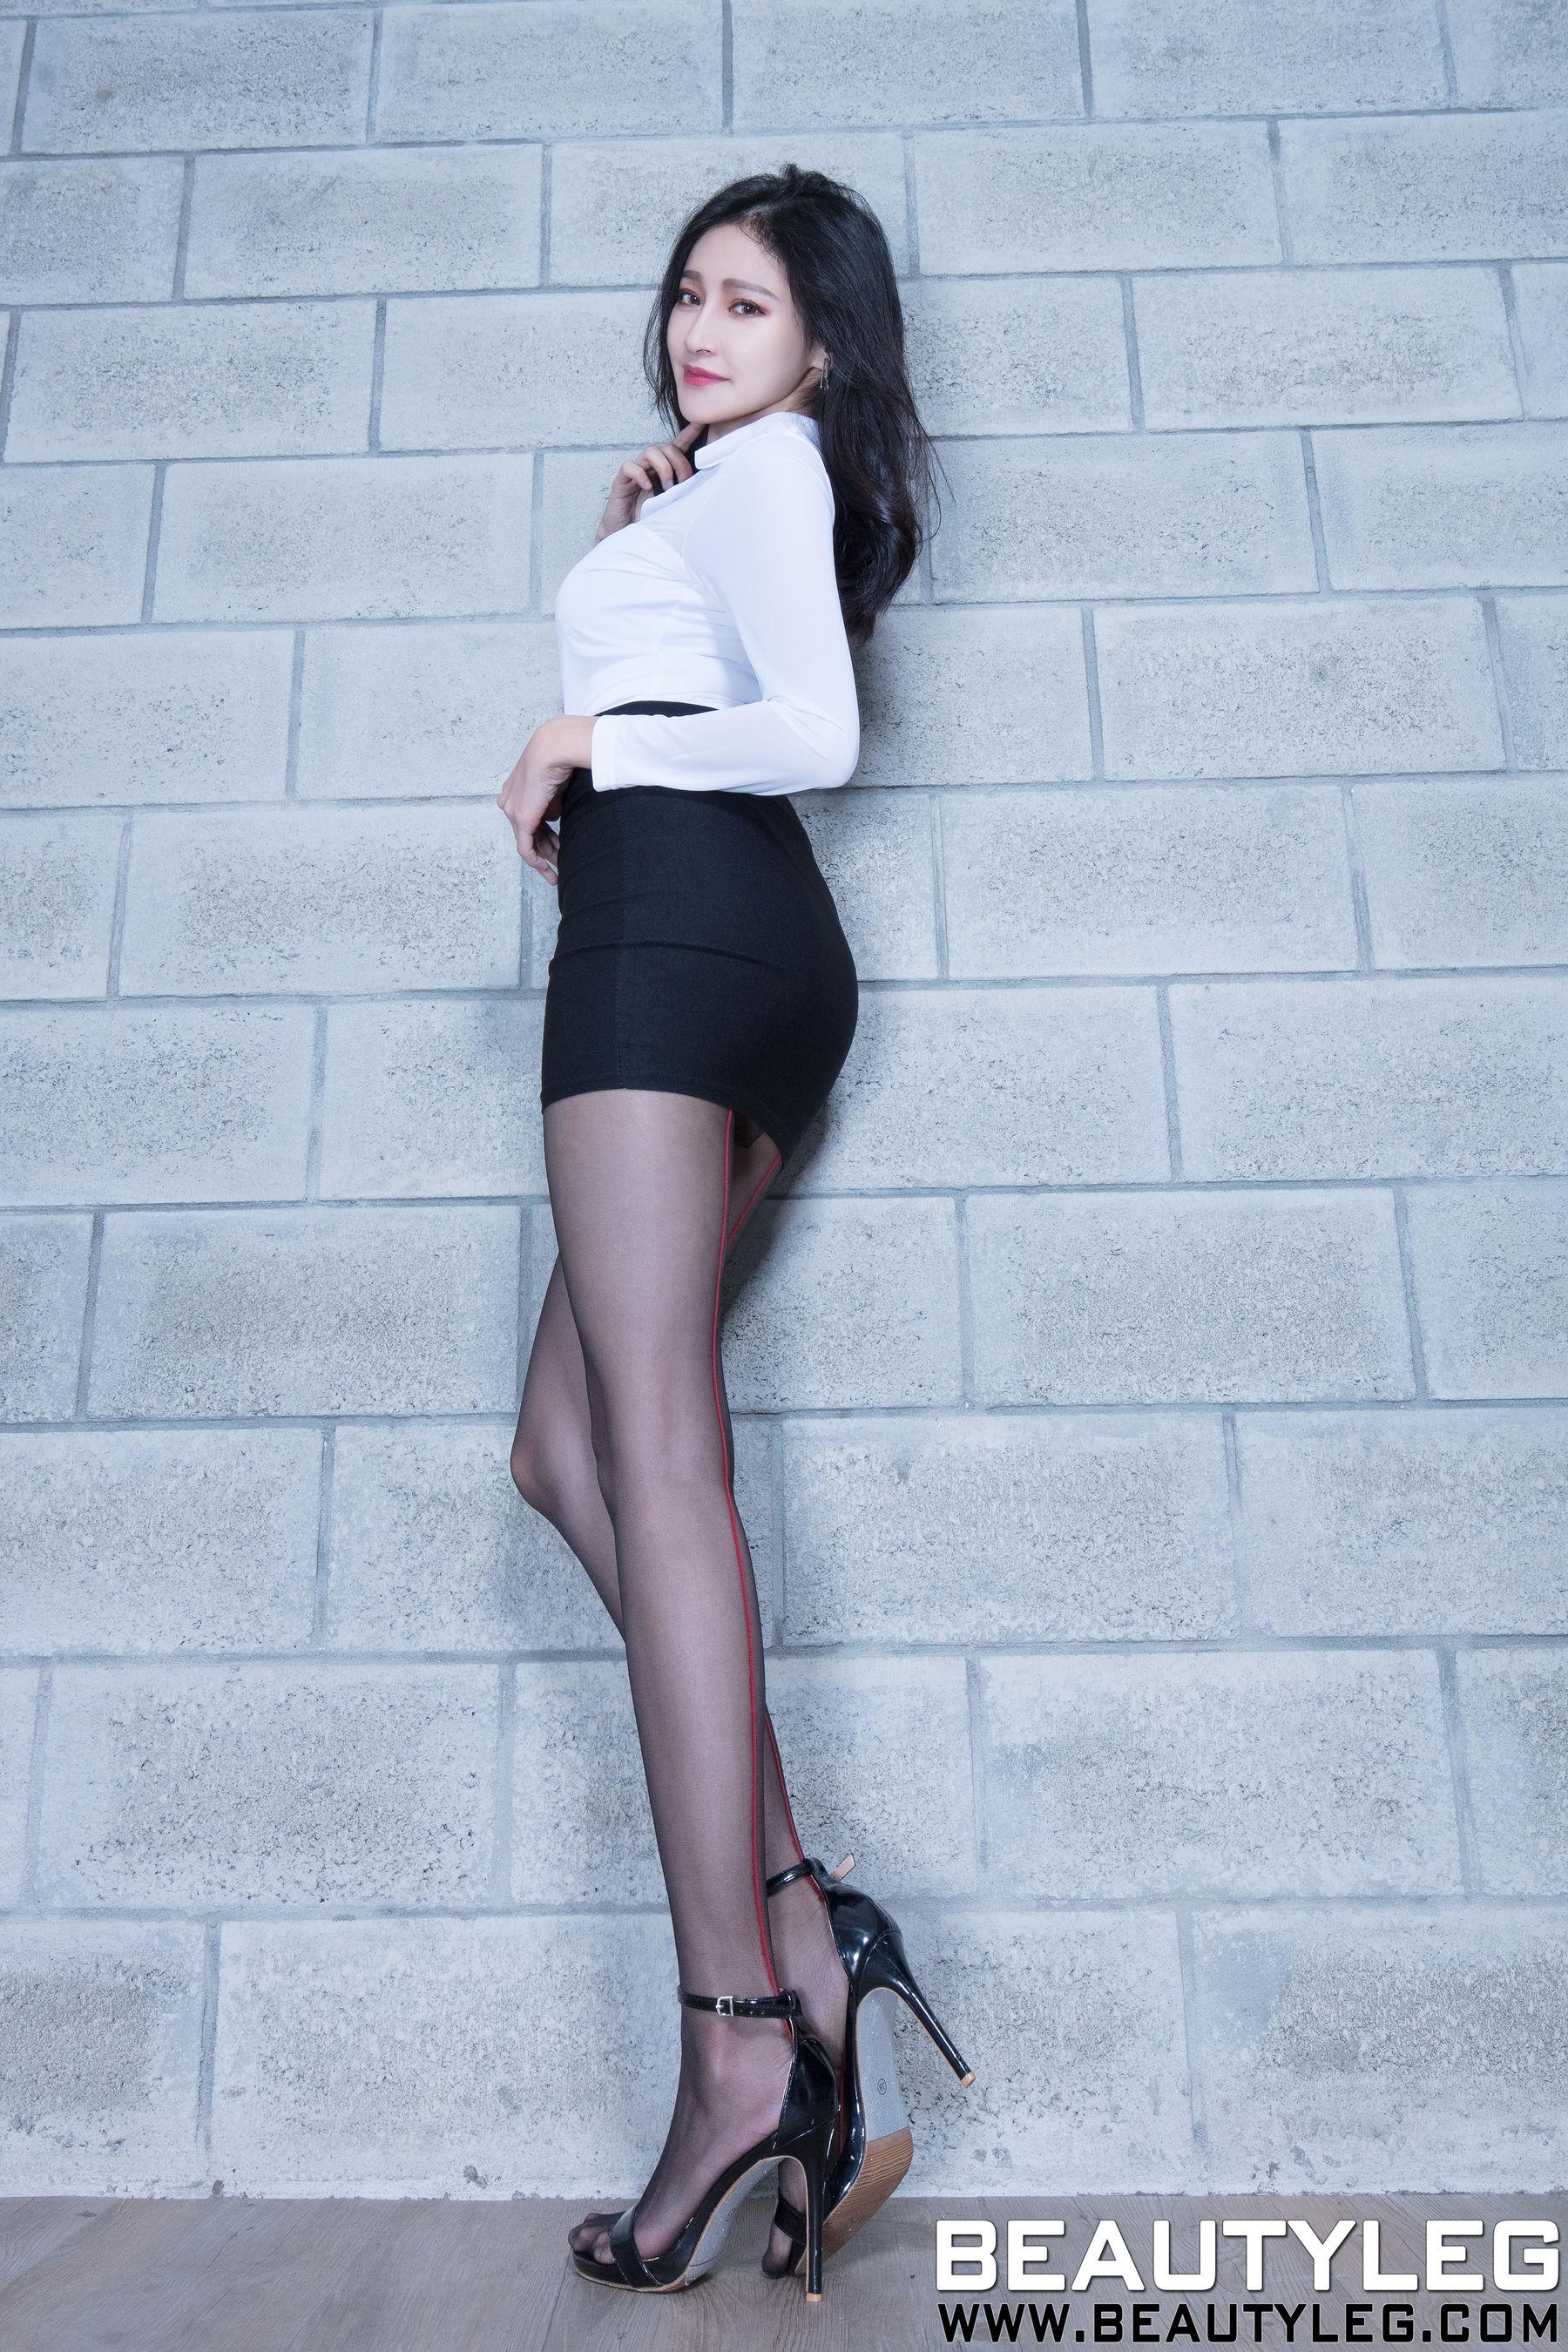 VOL.584 [Beautyleg]丝袜美腿黑丝长腿美女:詹艾葳(腿模Avril,腿模Arvil)超高清个人性感漂亮大图(54P)